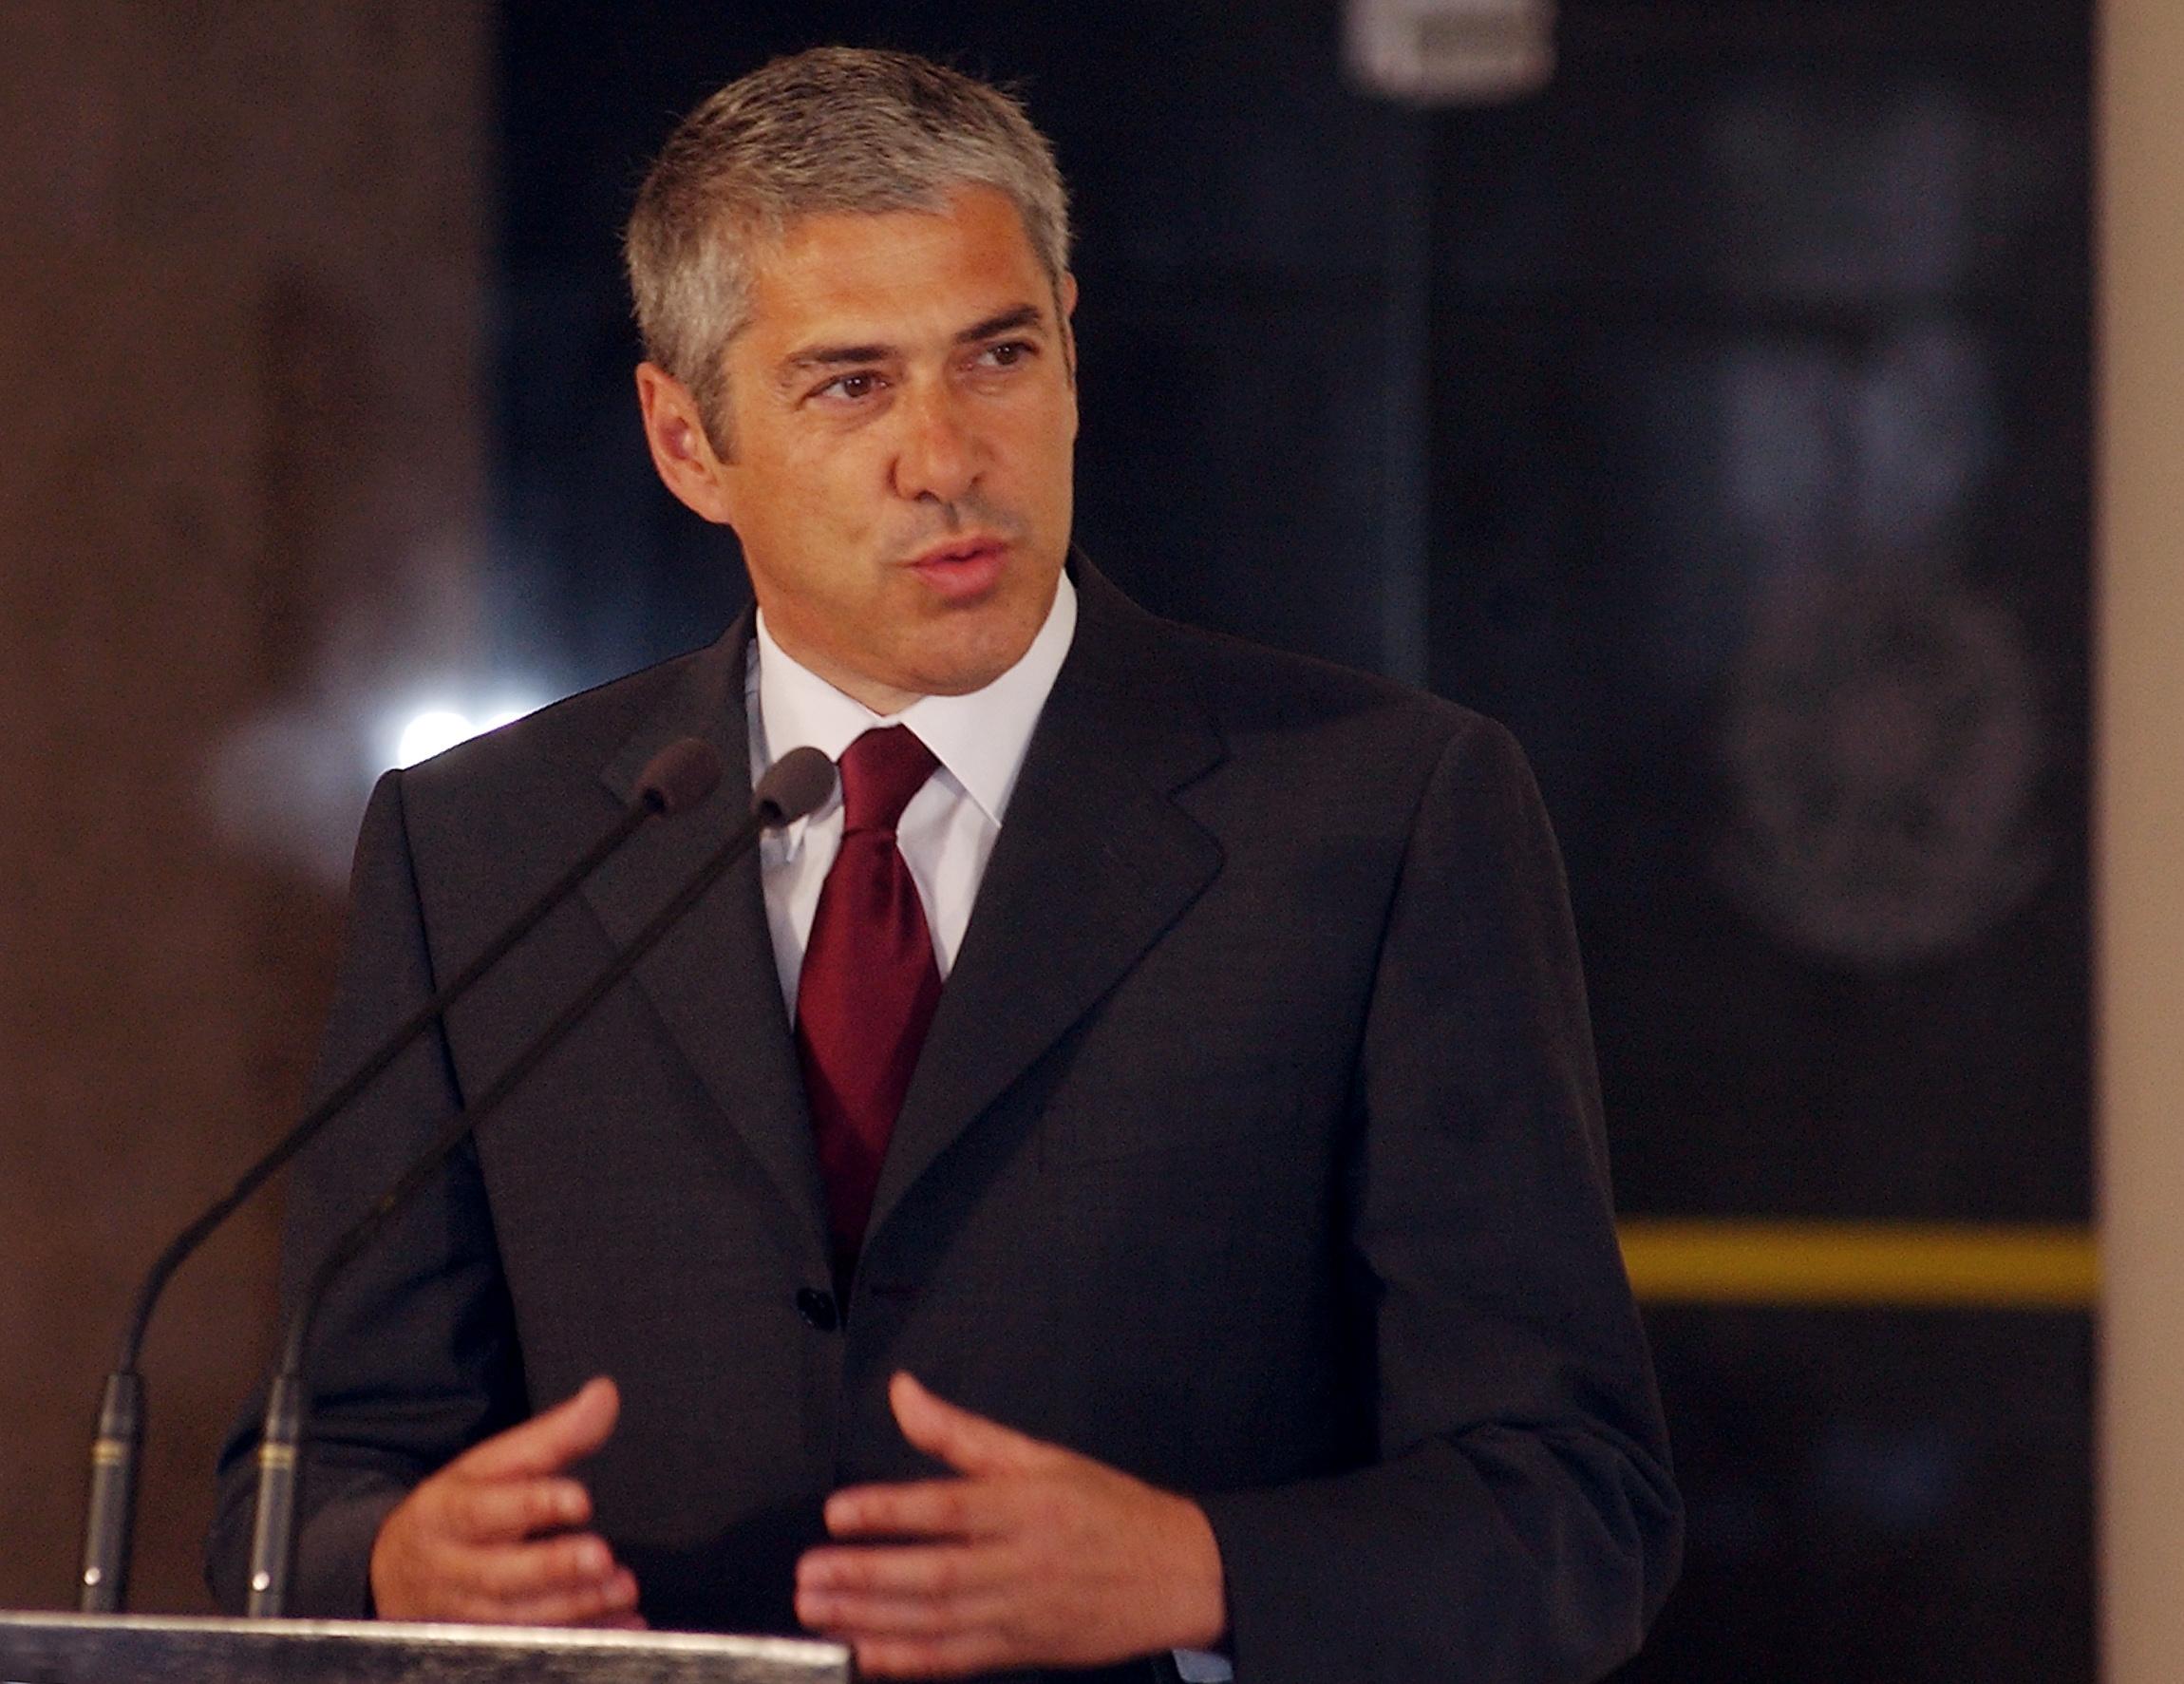 Para o ex-primeiro ministro de Portugal, a direita política brasileira quis formar um regime parlamentar - EBC/Divulgação/ND